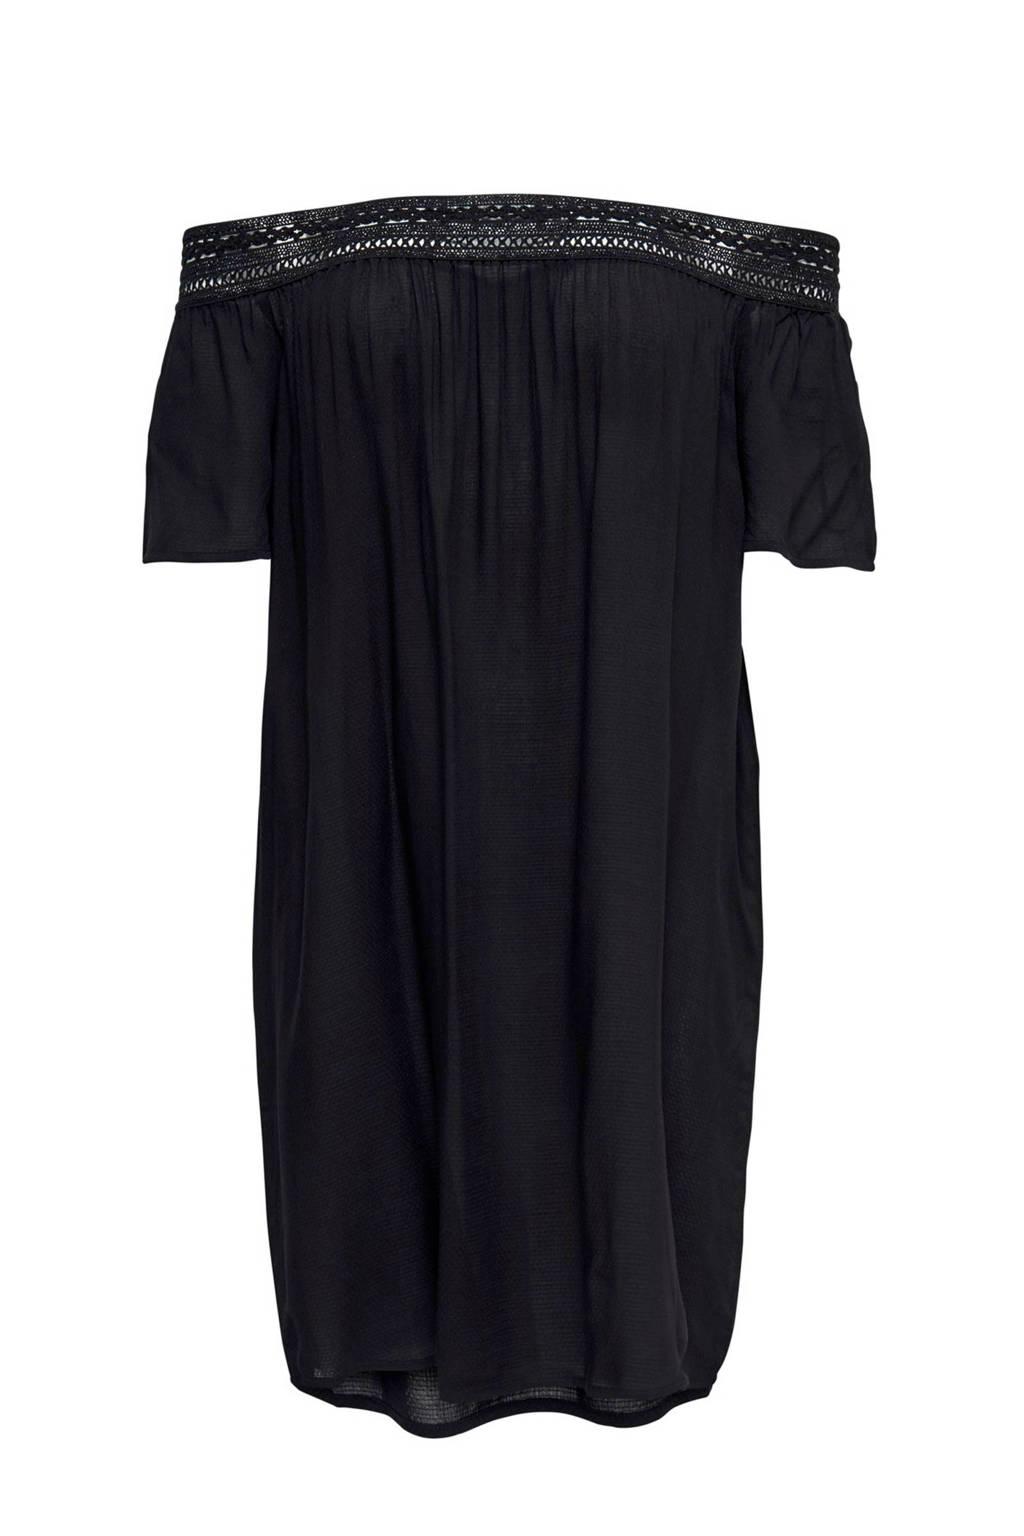 JACQUELINE DE YONG off shoulder jurk, Zwart